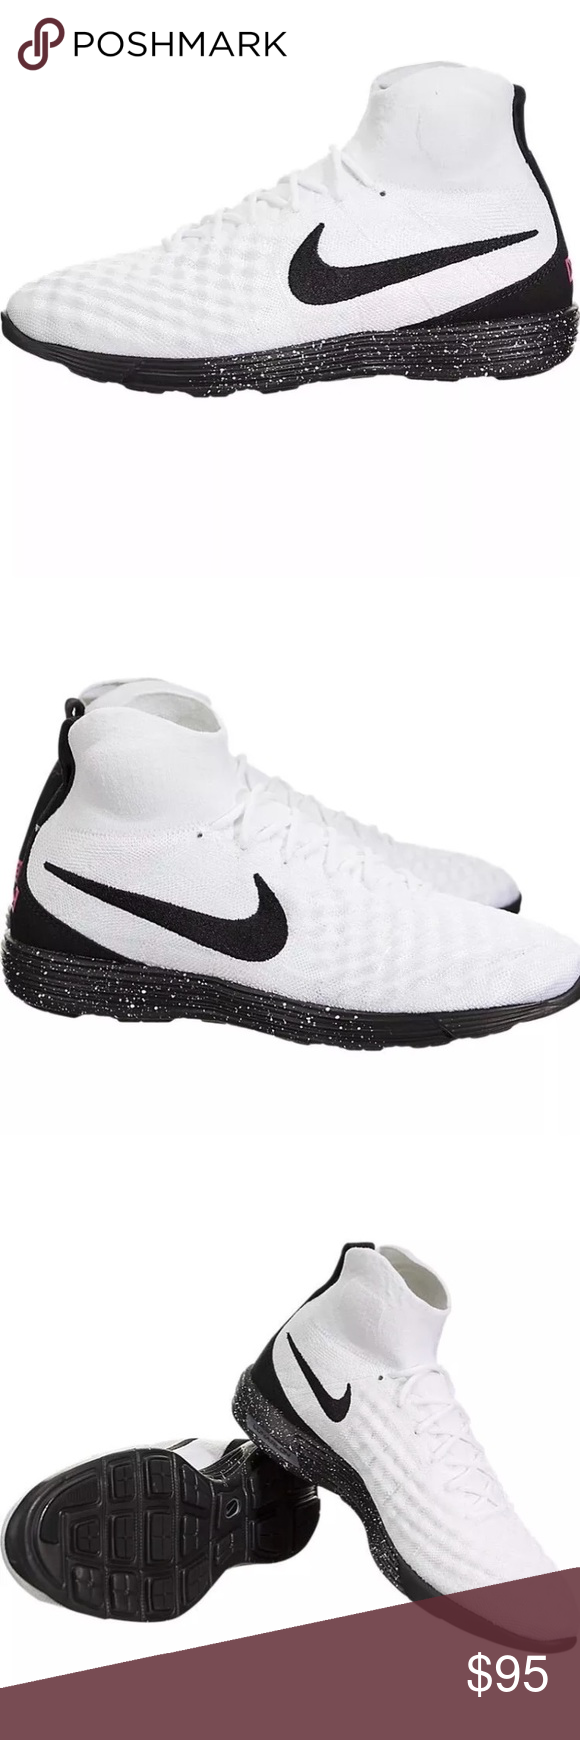 best website 26874 f983a Nike Men's Size 12.5 Lunar Magista II Flyknit NIB Nike Size 12.5 Lunar  Magista II Flyknit